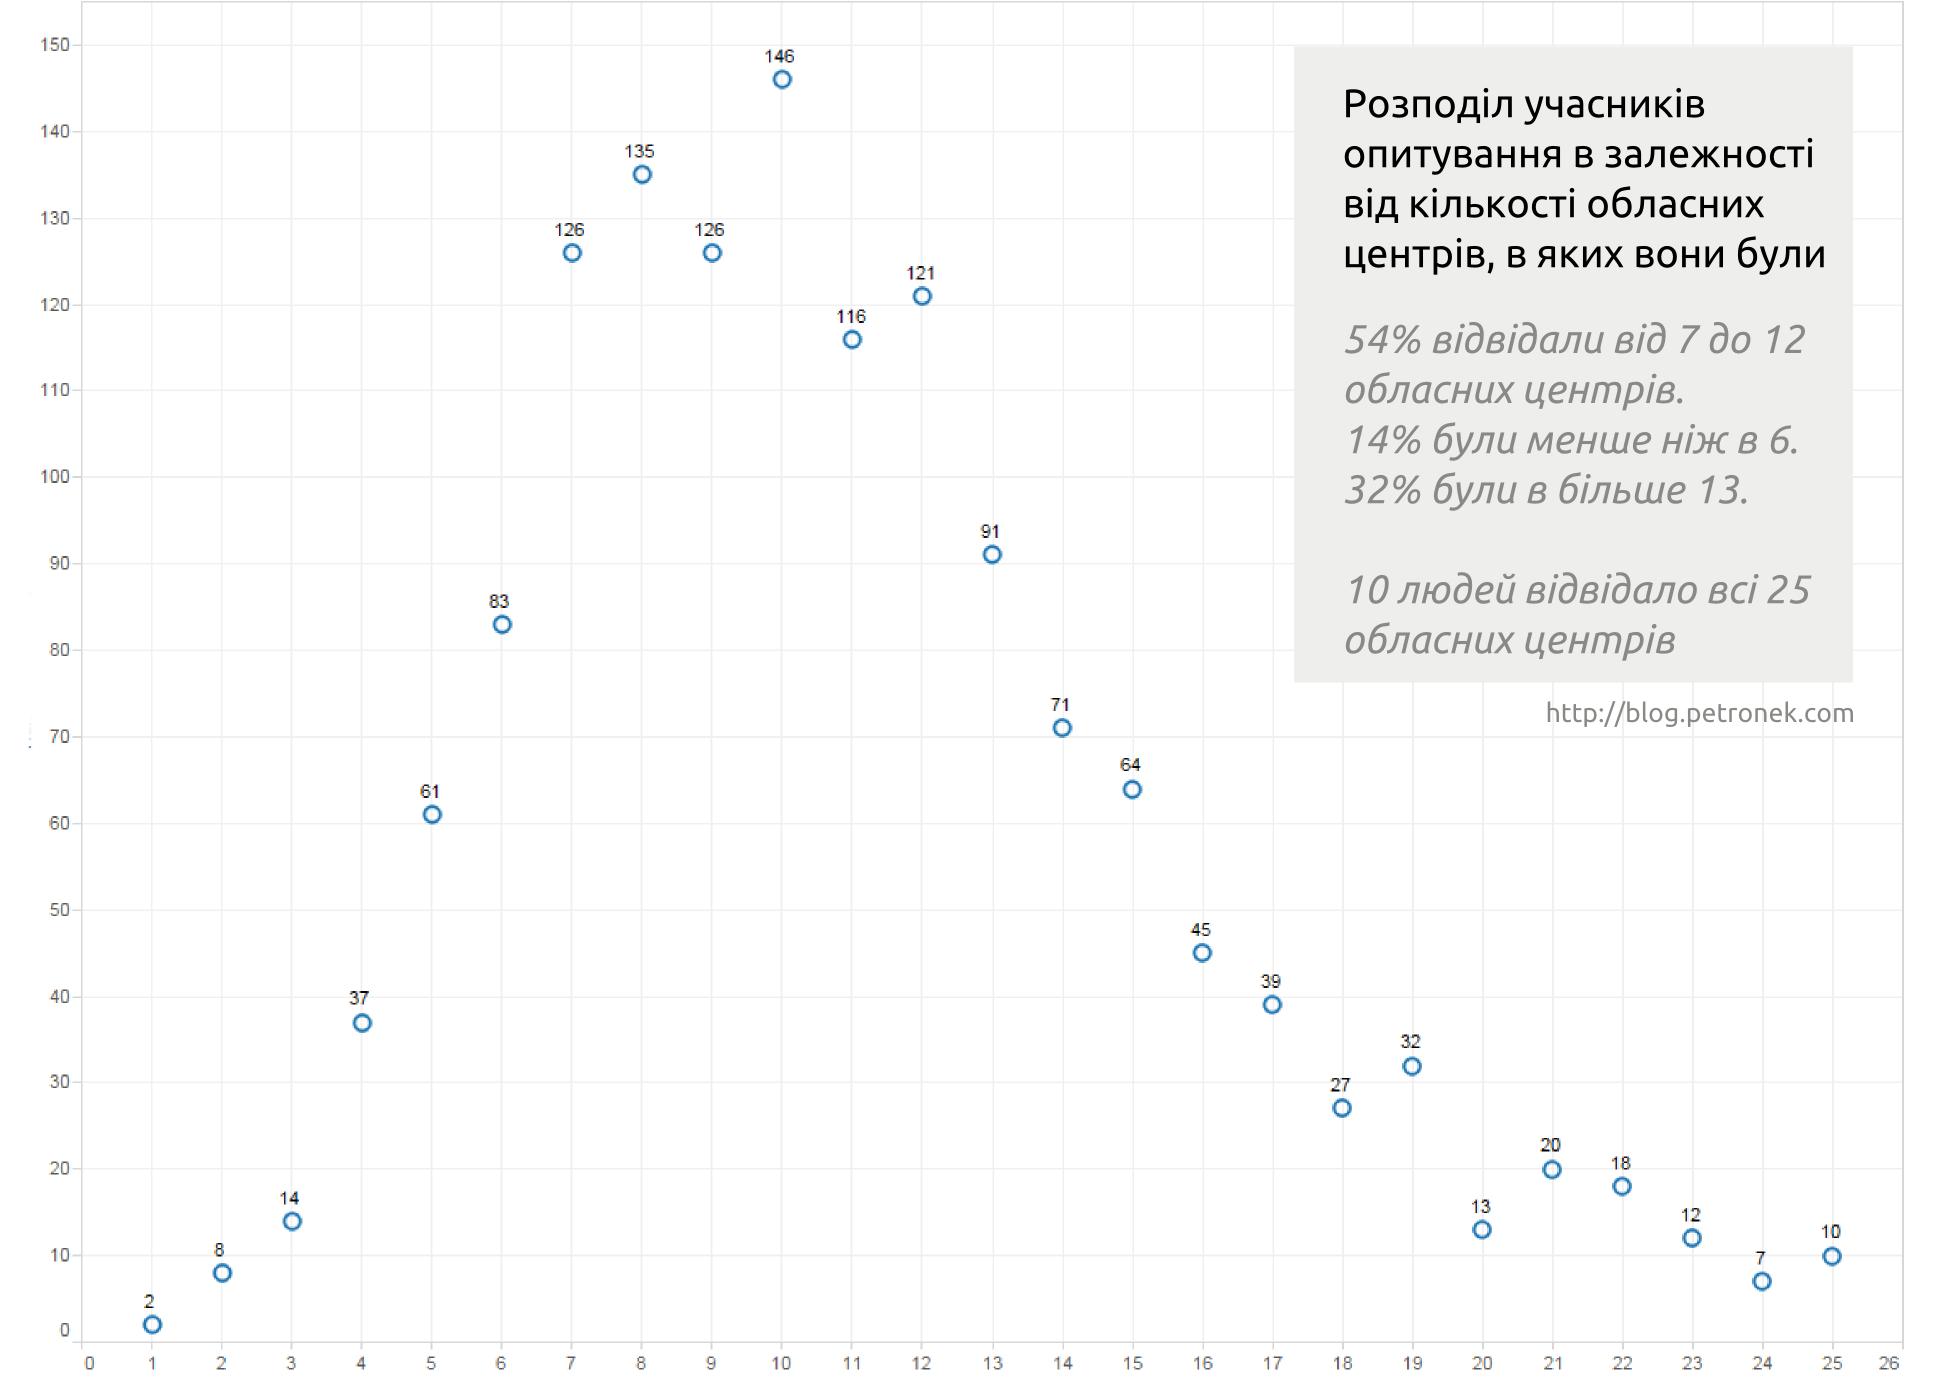 Розподіл учасників  опитування в залежності  від кількості обласних  центрів, в яких вони були